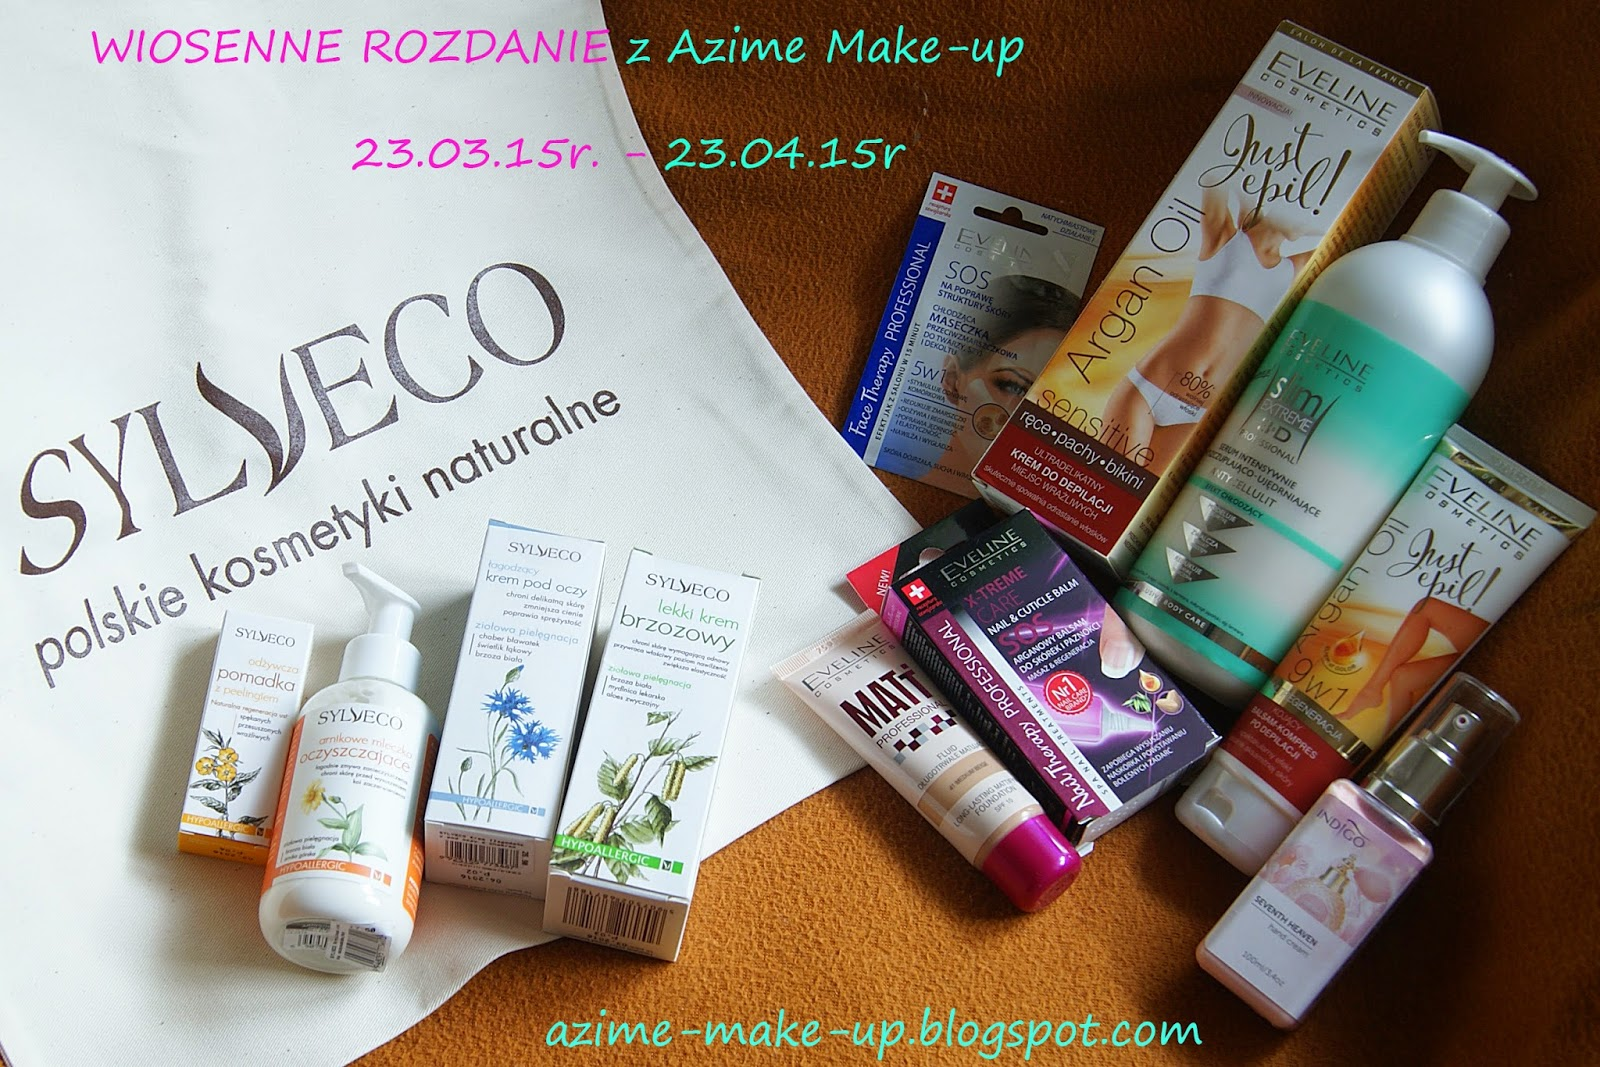 http://azime-make-up.blogspot.com/2015/03/197-wiosenne-rozdanie-z-azime-make-up.html